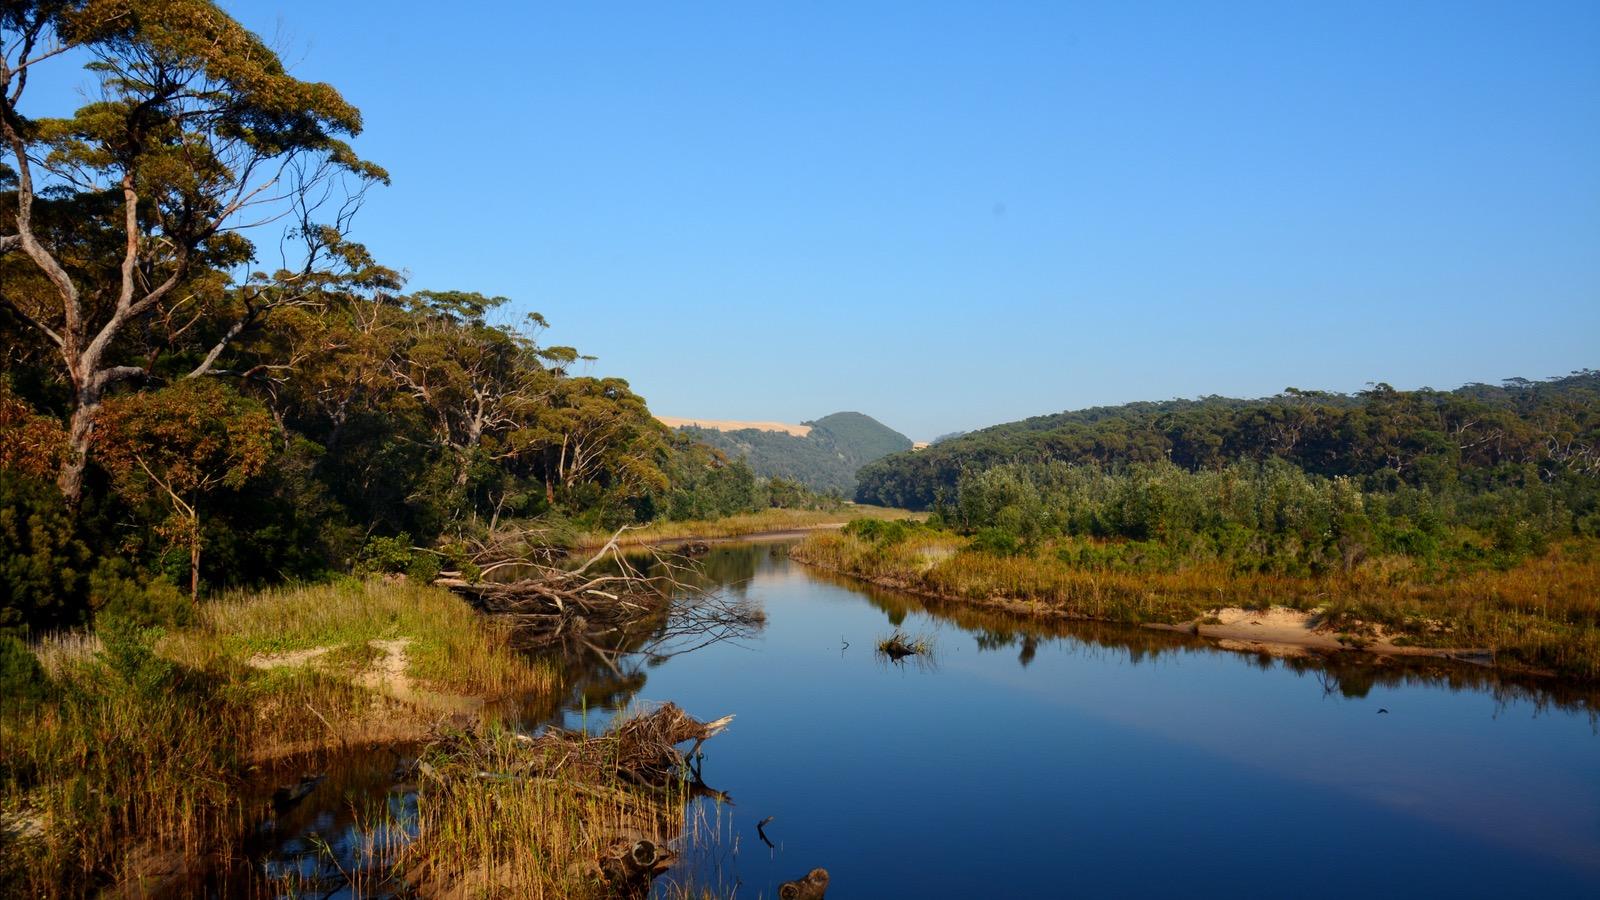 Croajingolong National Park